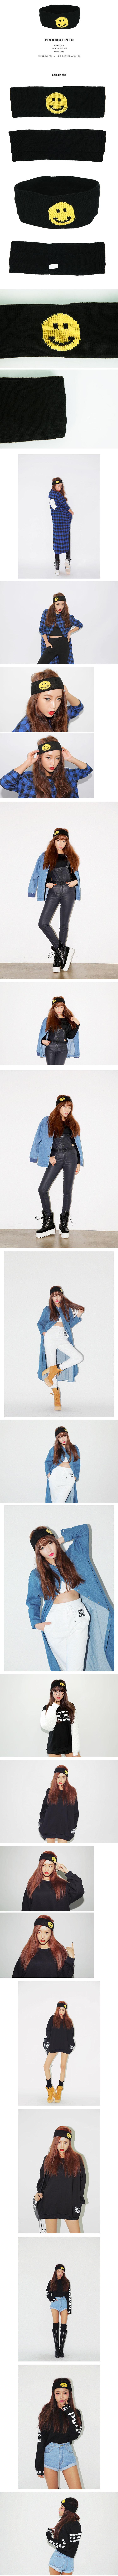 韩国饰品 运动戴的发带 -阳光妹妹韩国饰品网